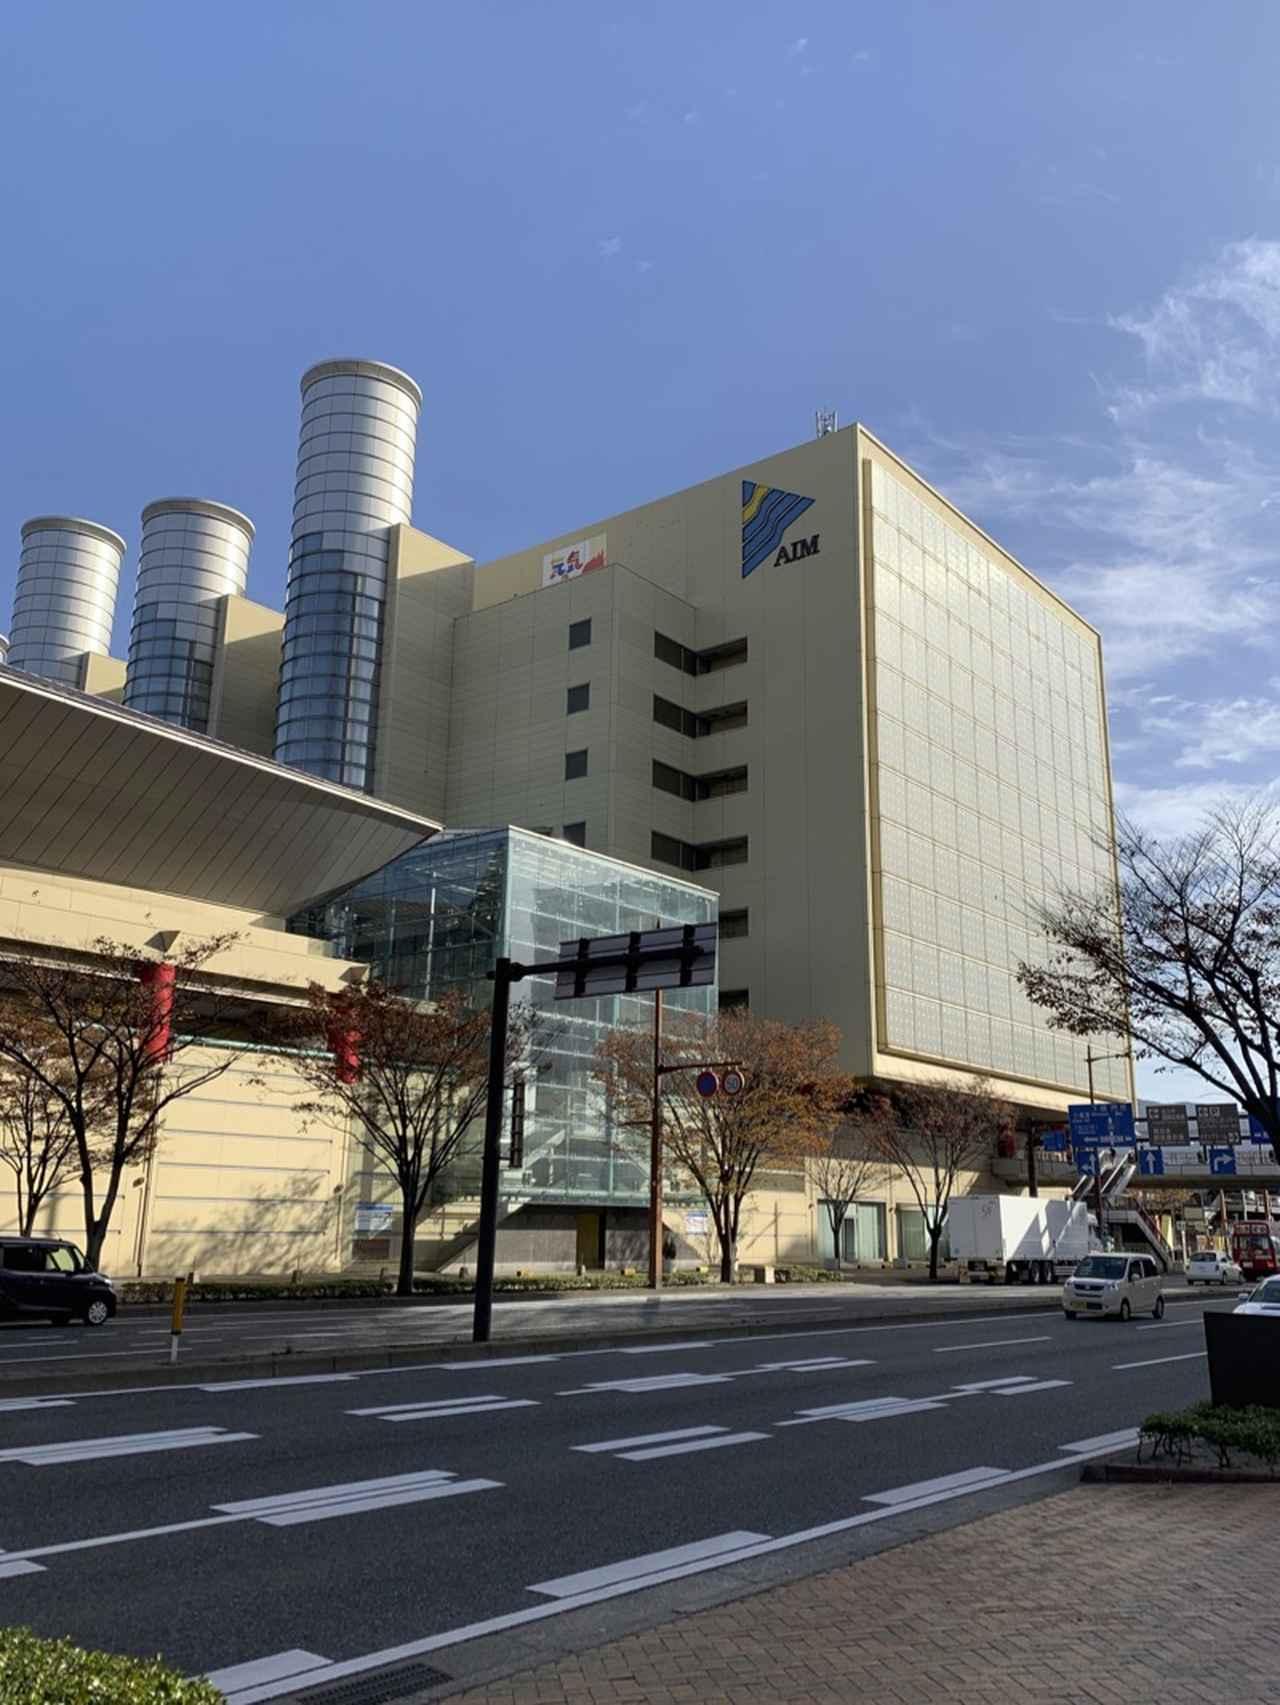 画像: 会場となったAIMビル。西日本総合展示場のD展示場(Fルーム)と、隣接する5つの会議室が会場。JR小倉駅から徒歩5分ほどで到着する便利な立地だった convention-a.jp